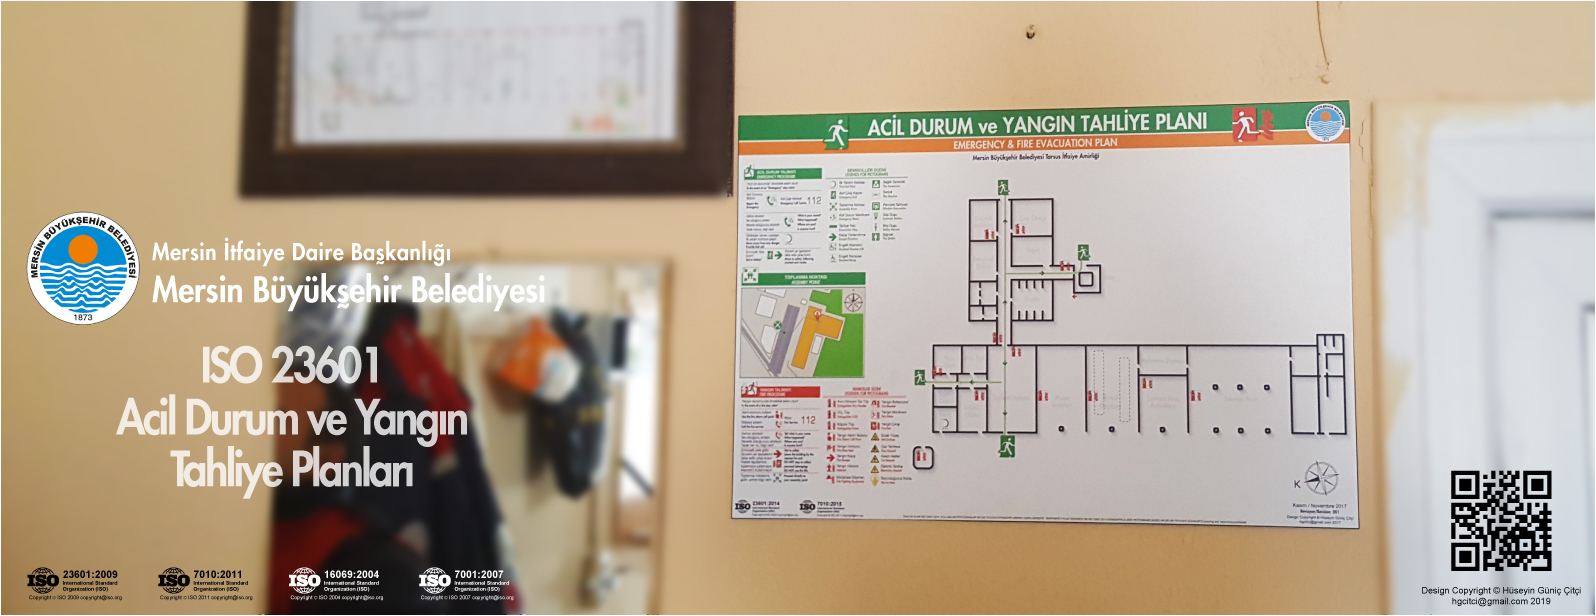 tarsus İtfaiye Amirliği Mersin Büyükşehir Belediyesi ISO 23601